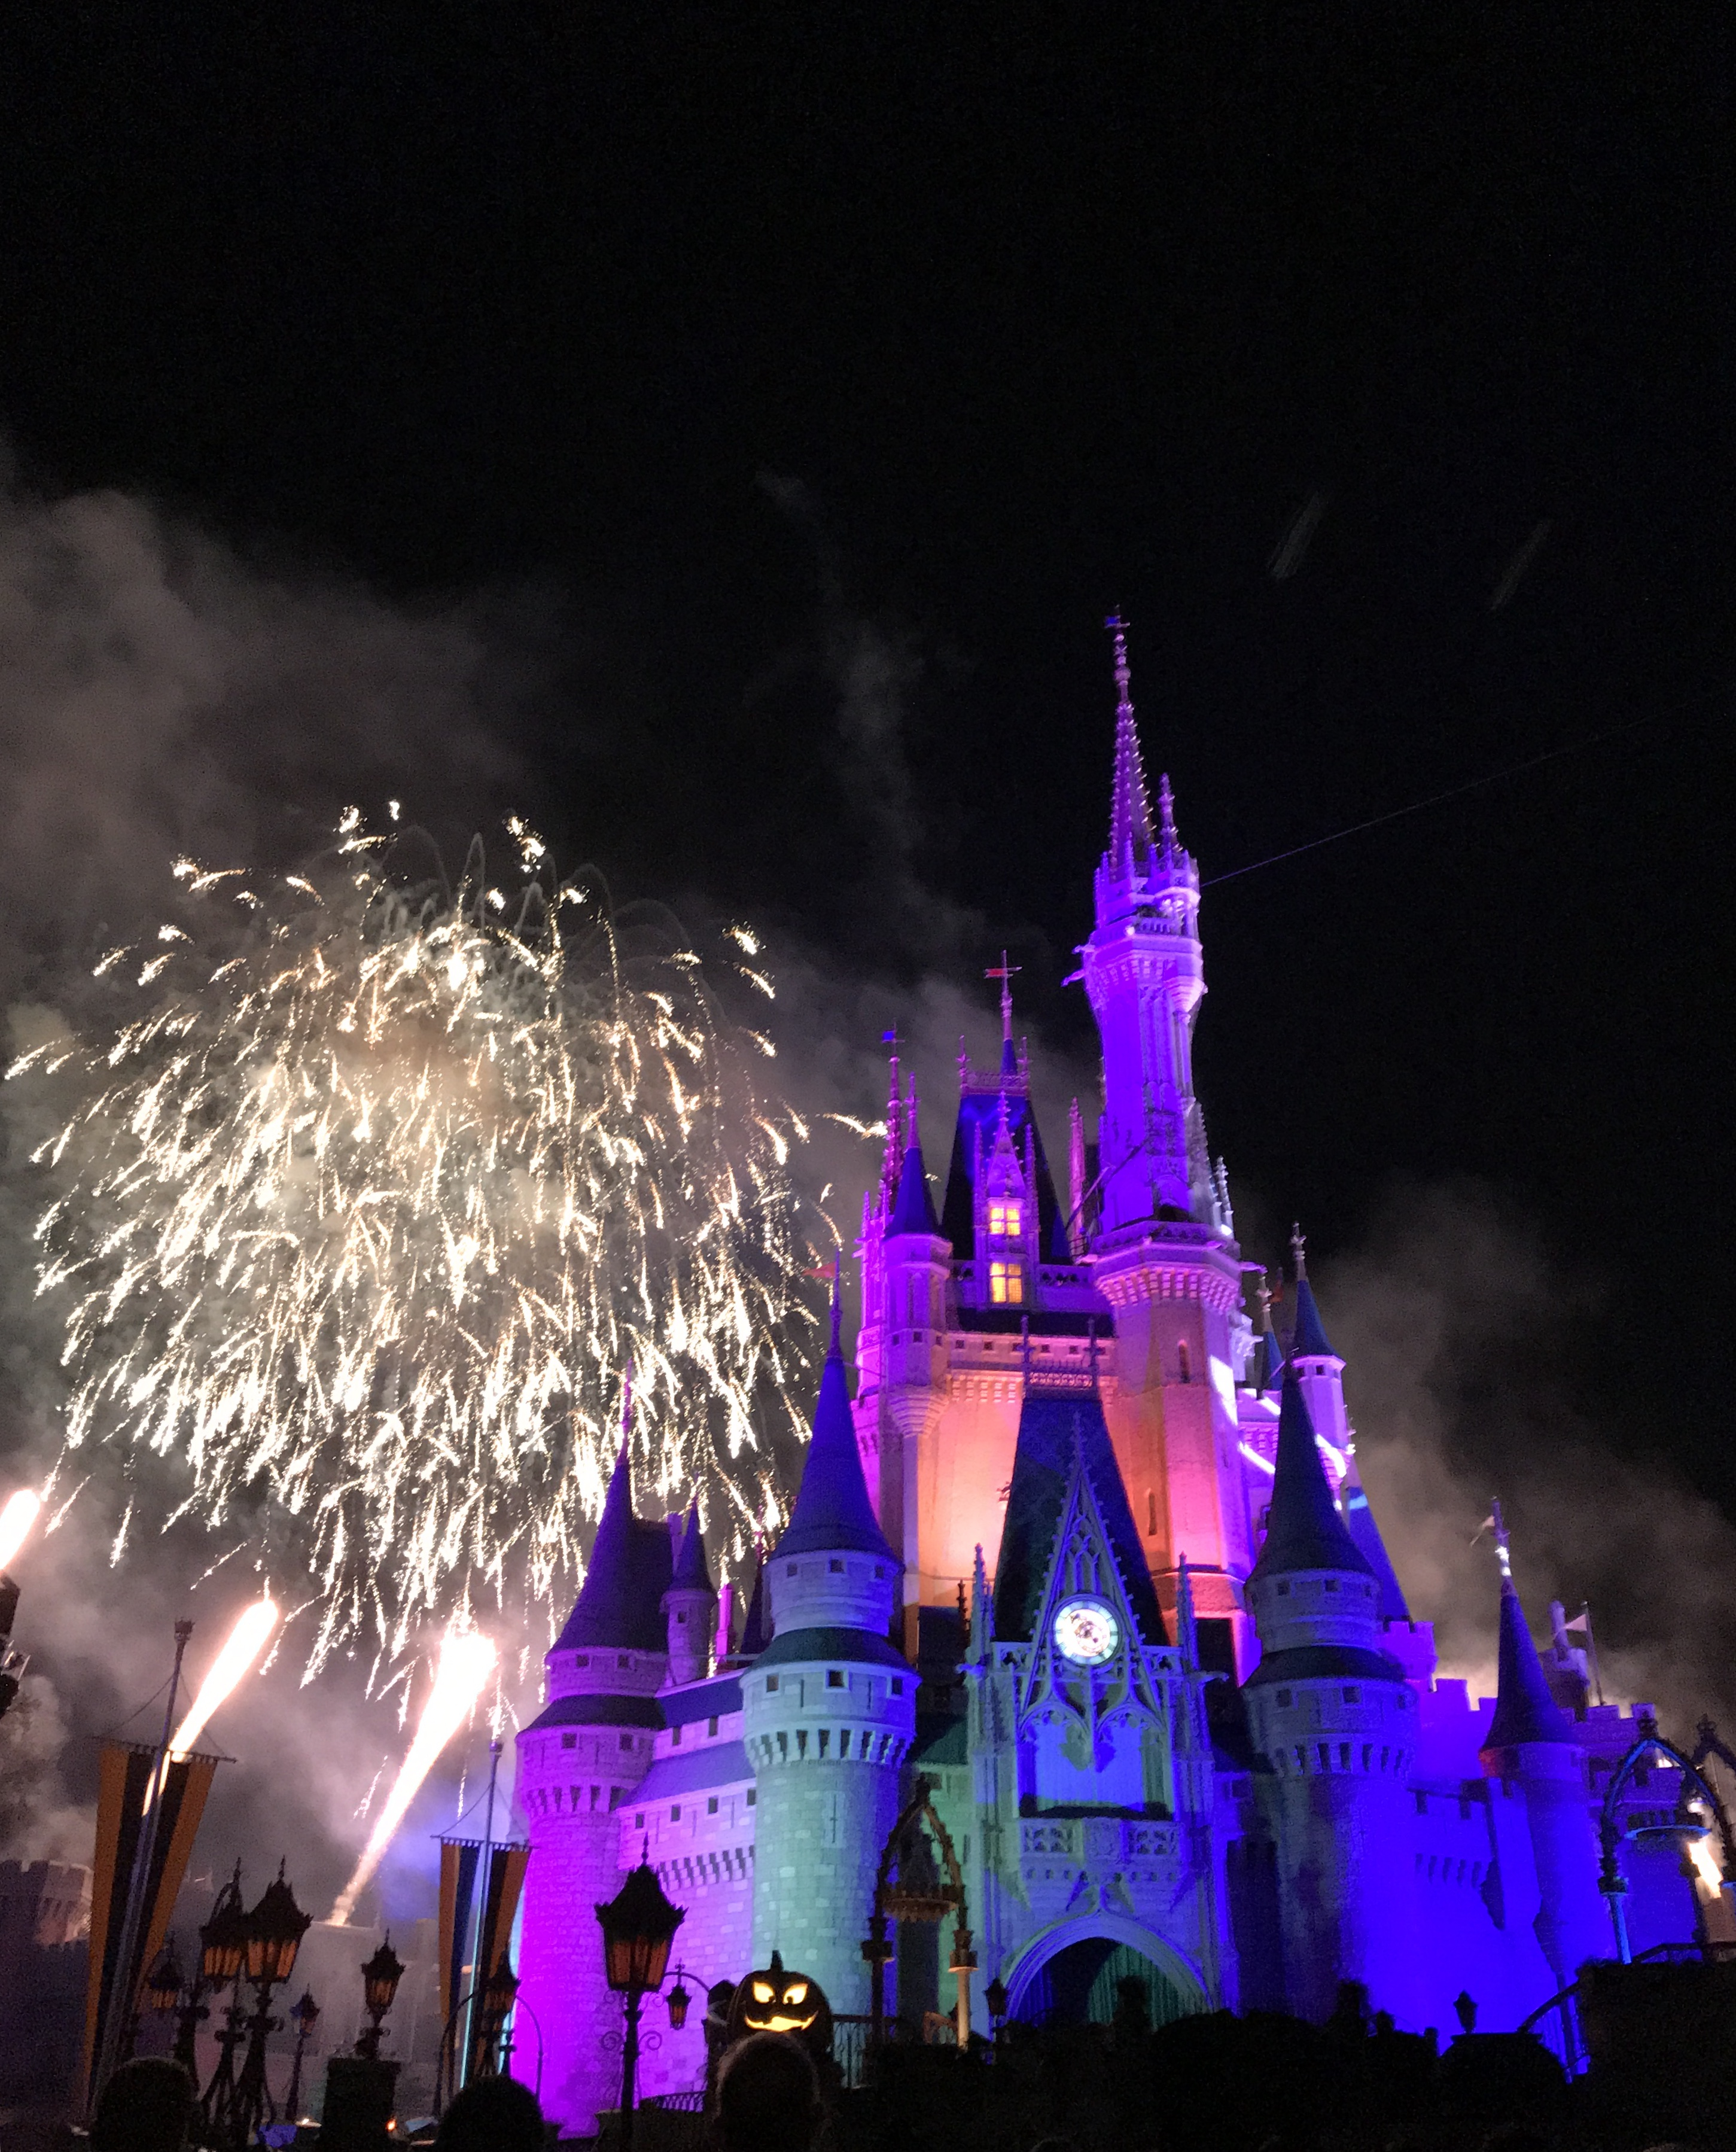 Disneyhalloween15